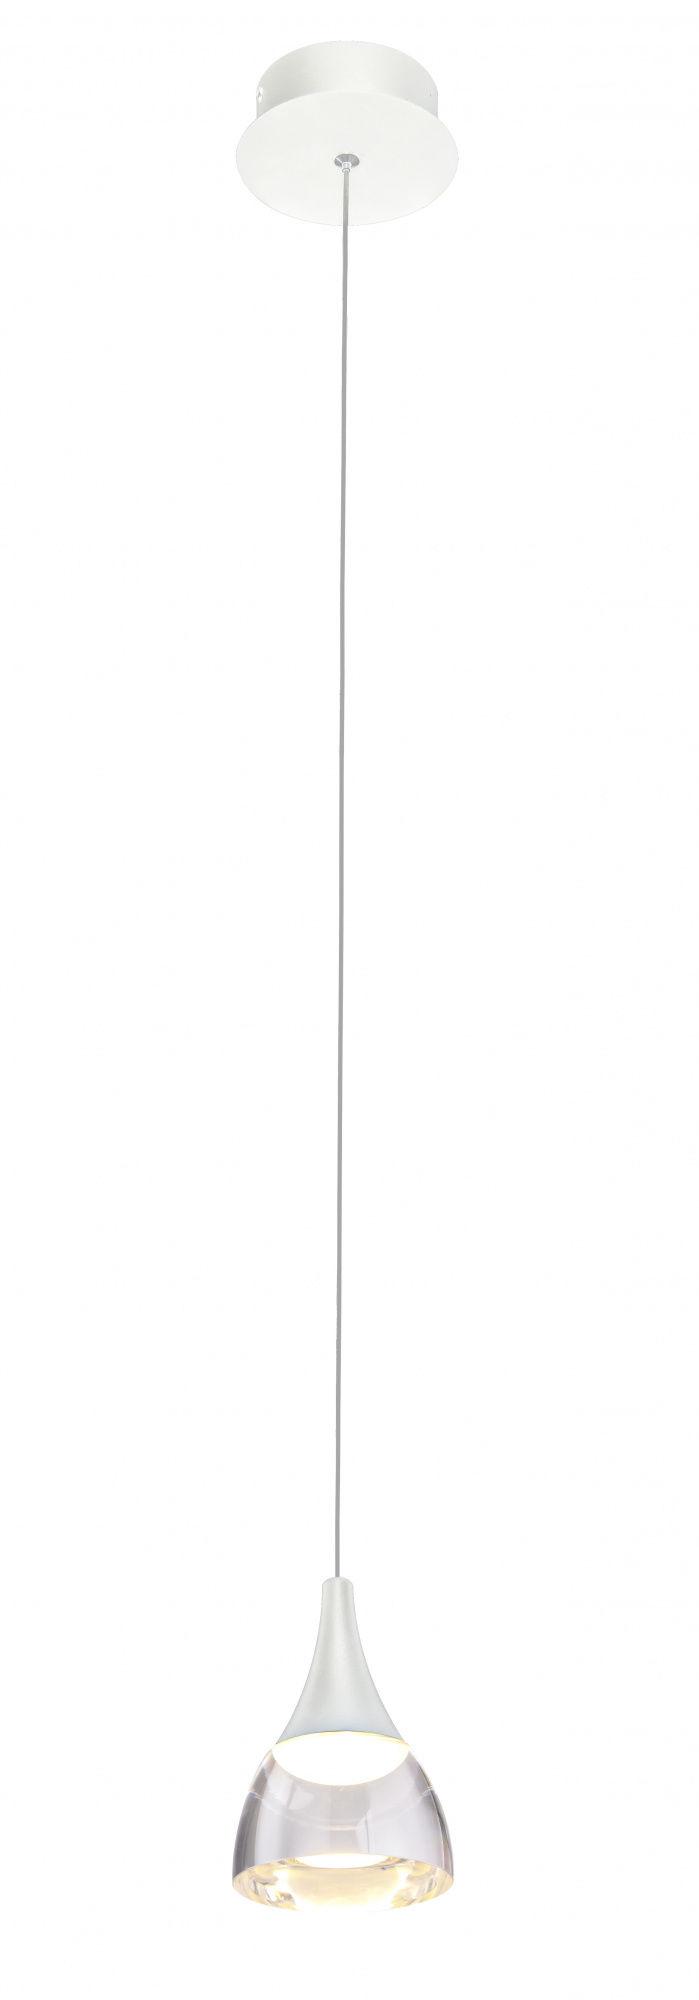 Lampa wisząca Dalmatia AZ2909 AZzardo biała oprawa w nowoczesnym stylu